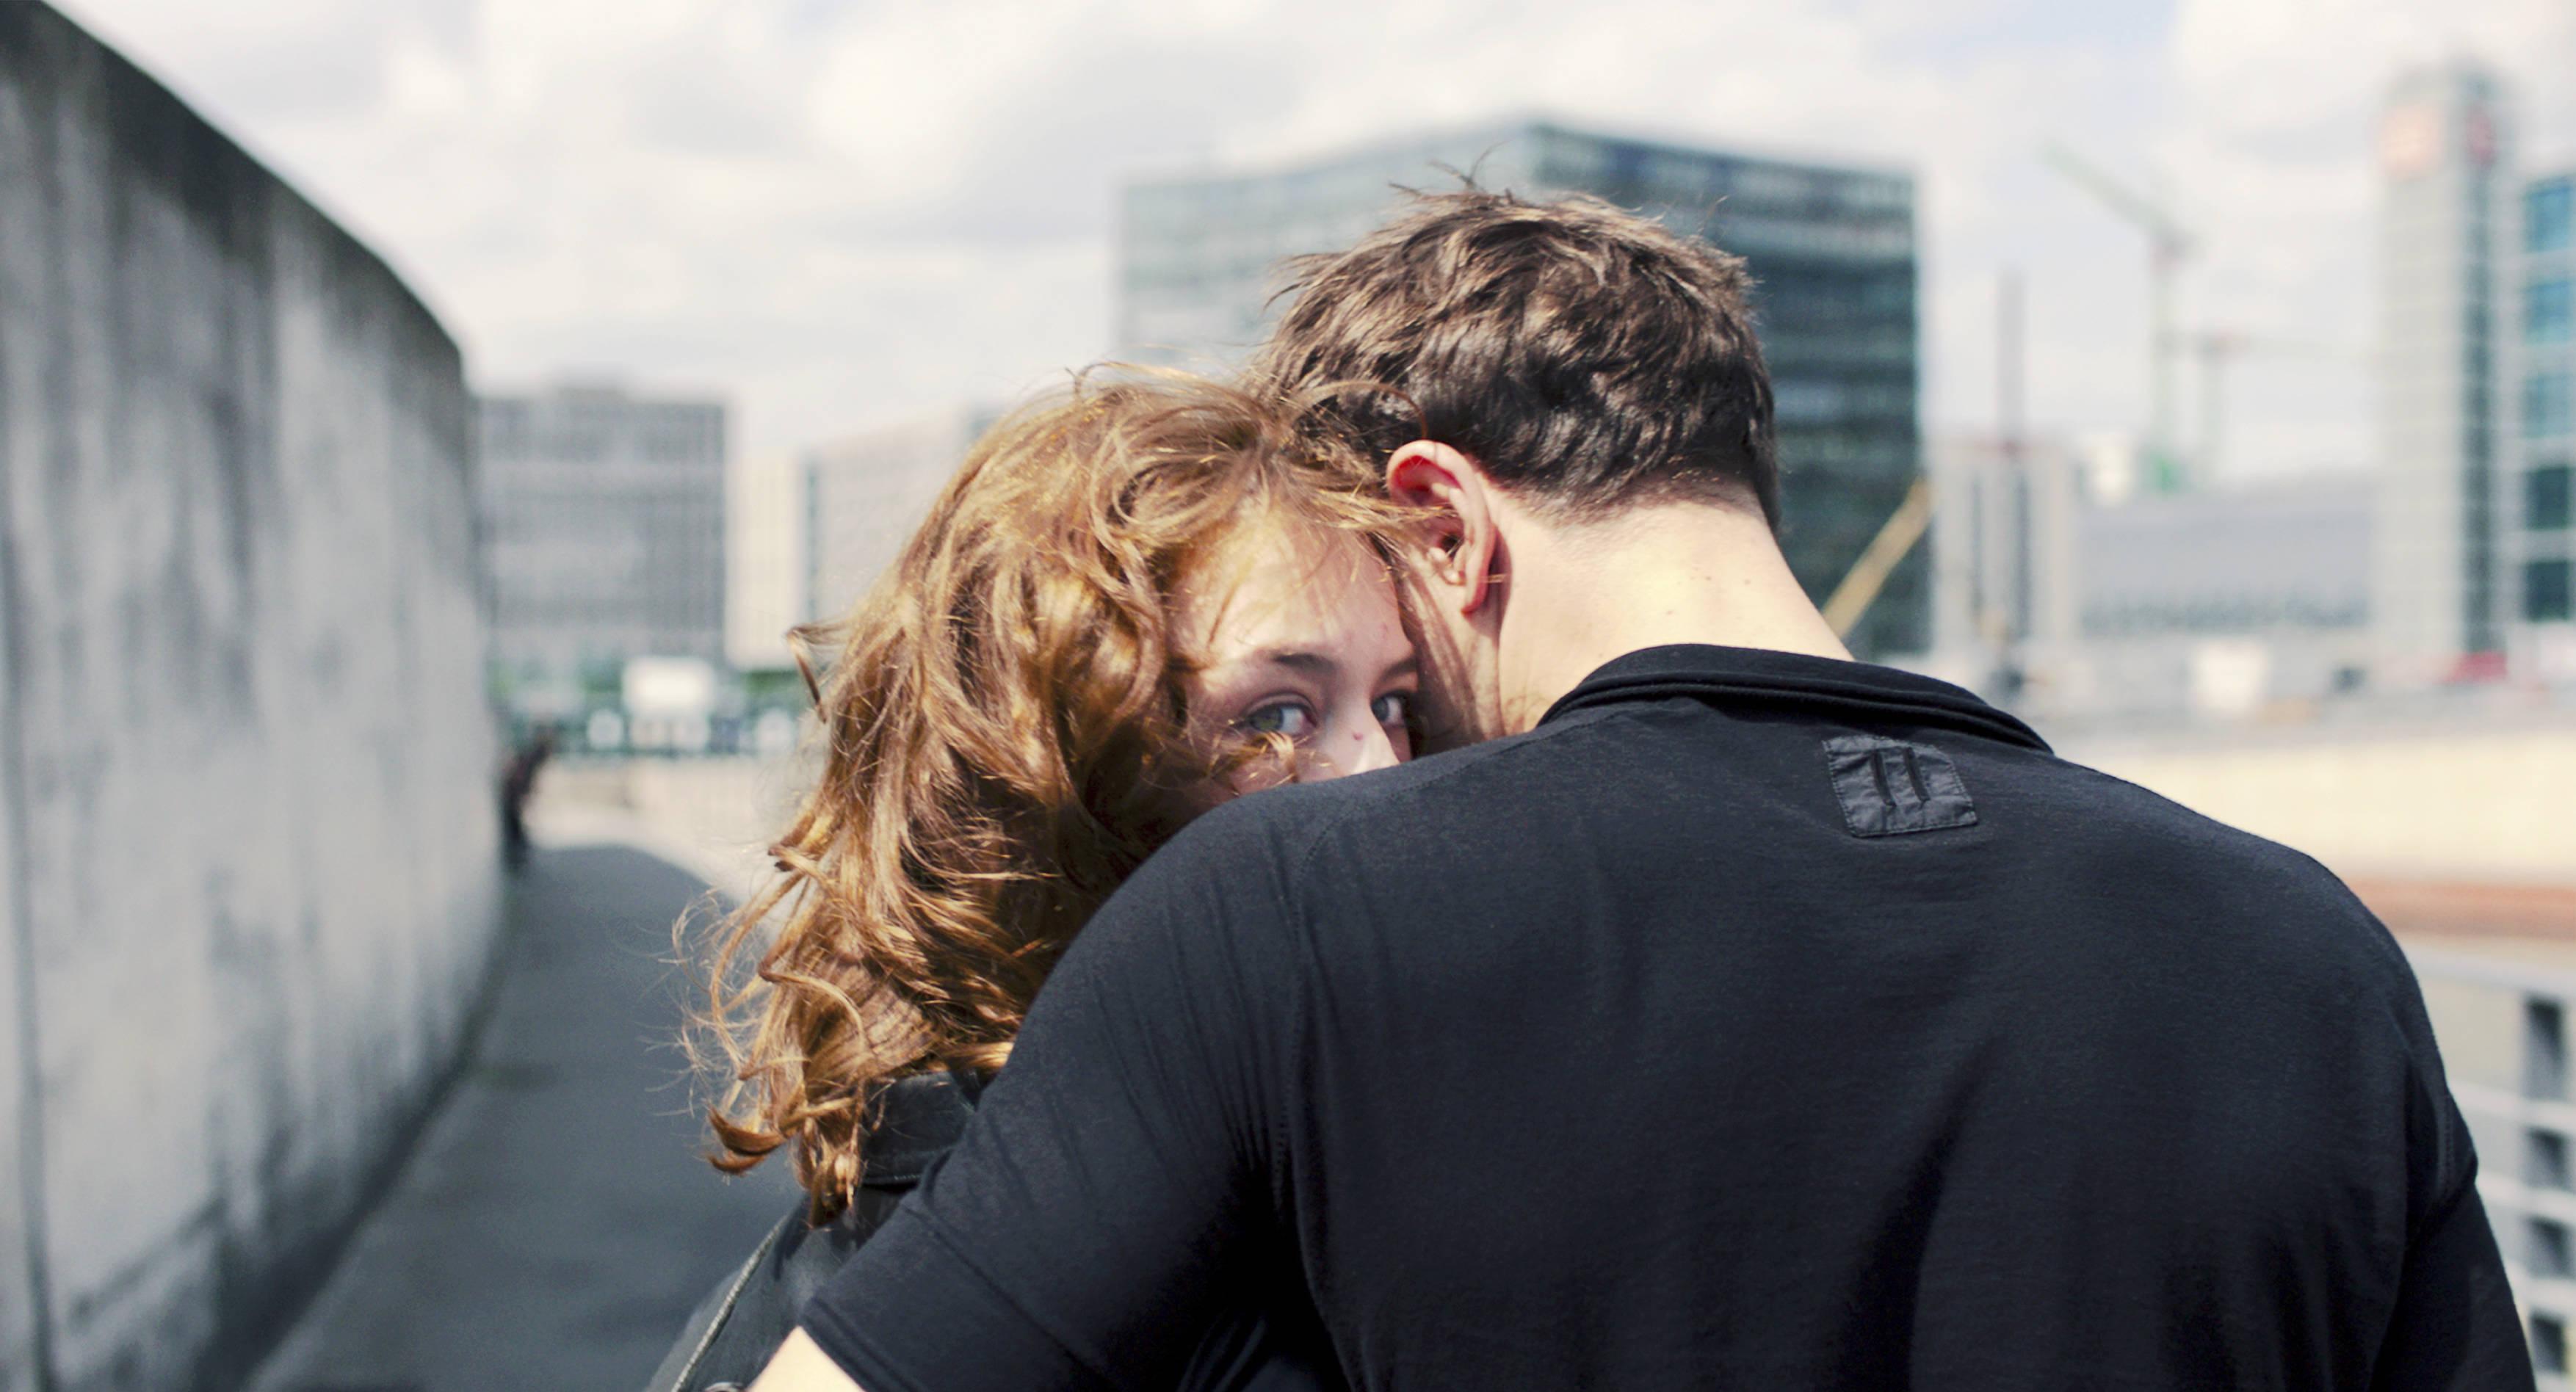 《水漾的女人》(Undine)入圍第33屆歐洲電影獎最佳影片及最佳女主角